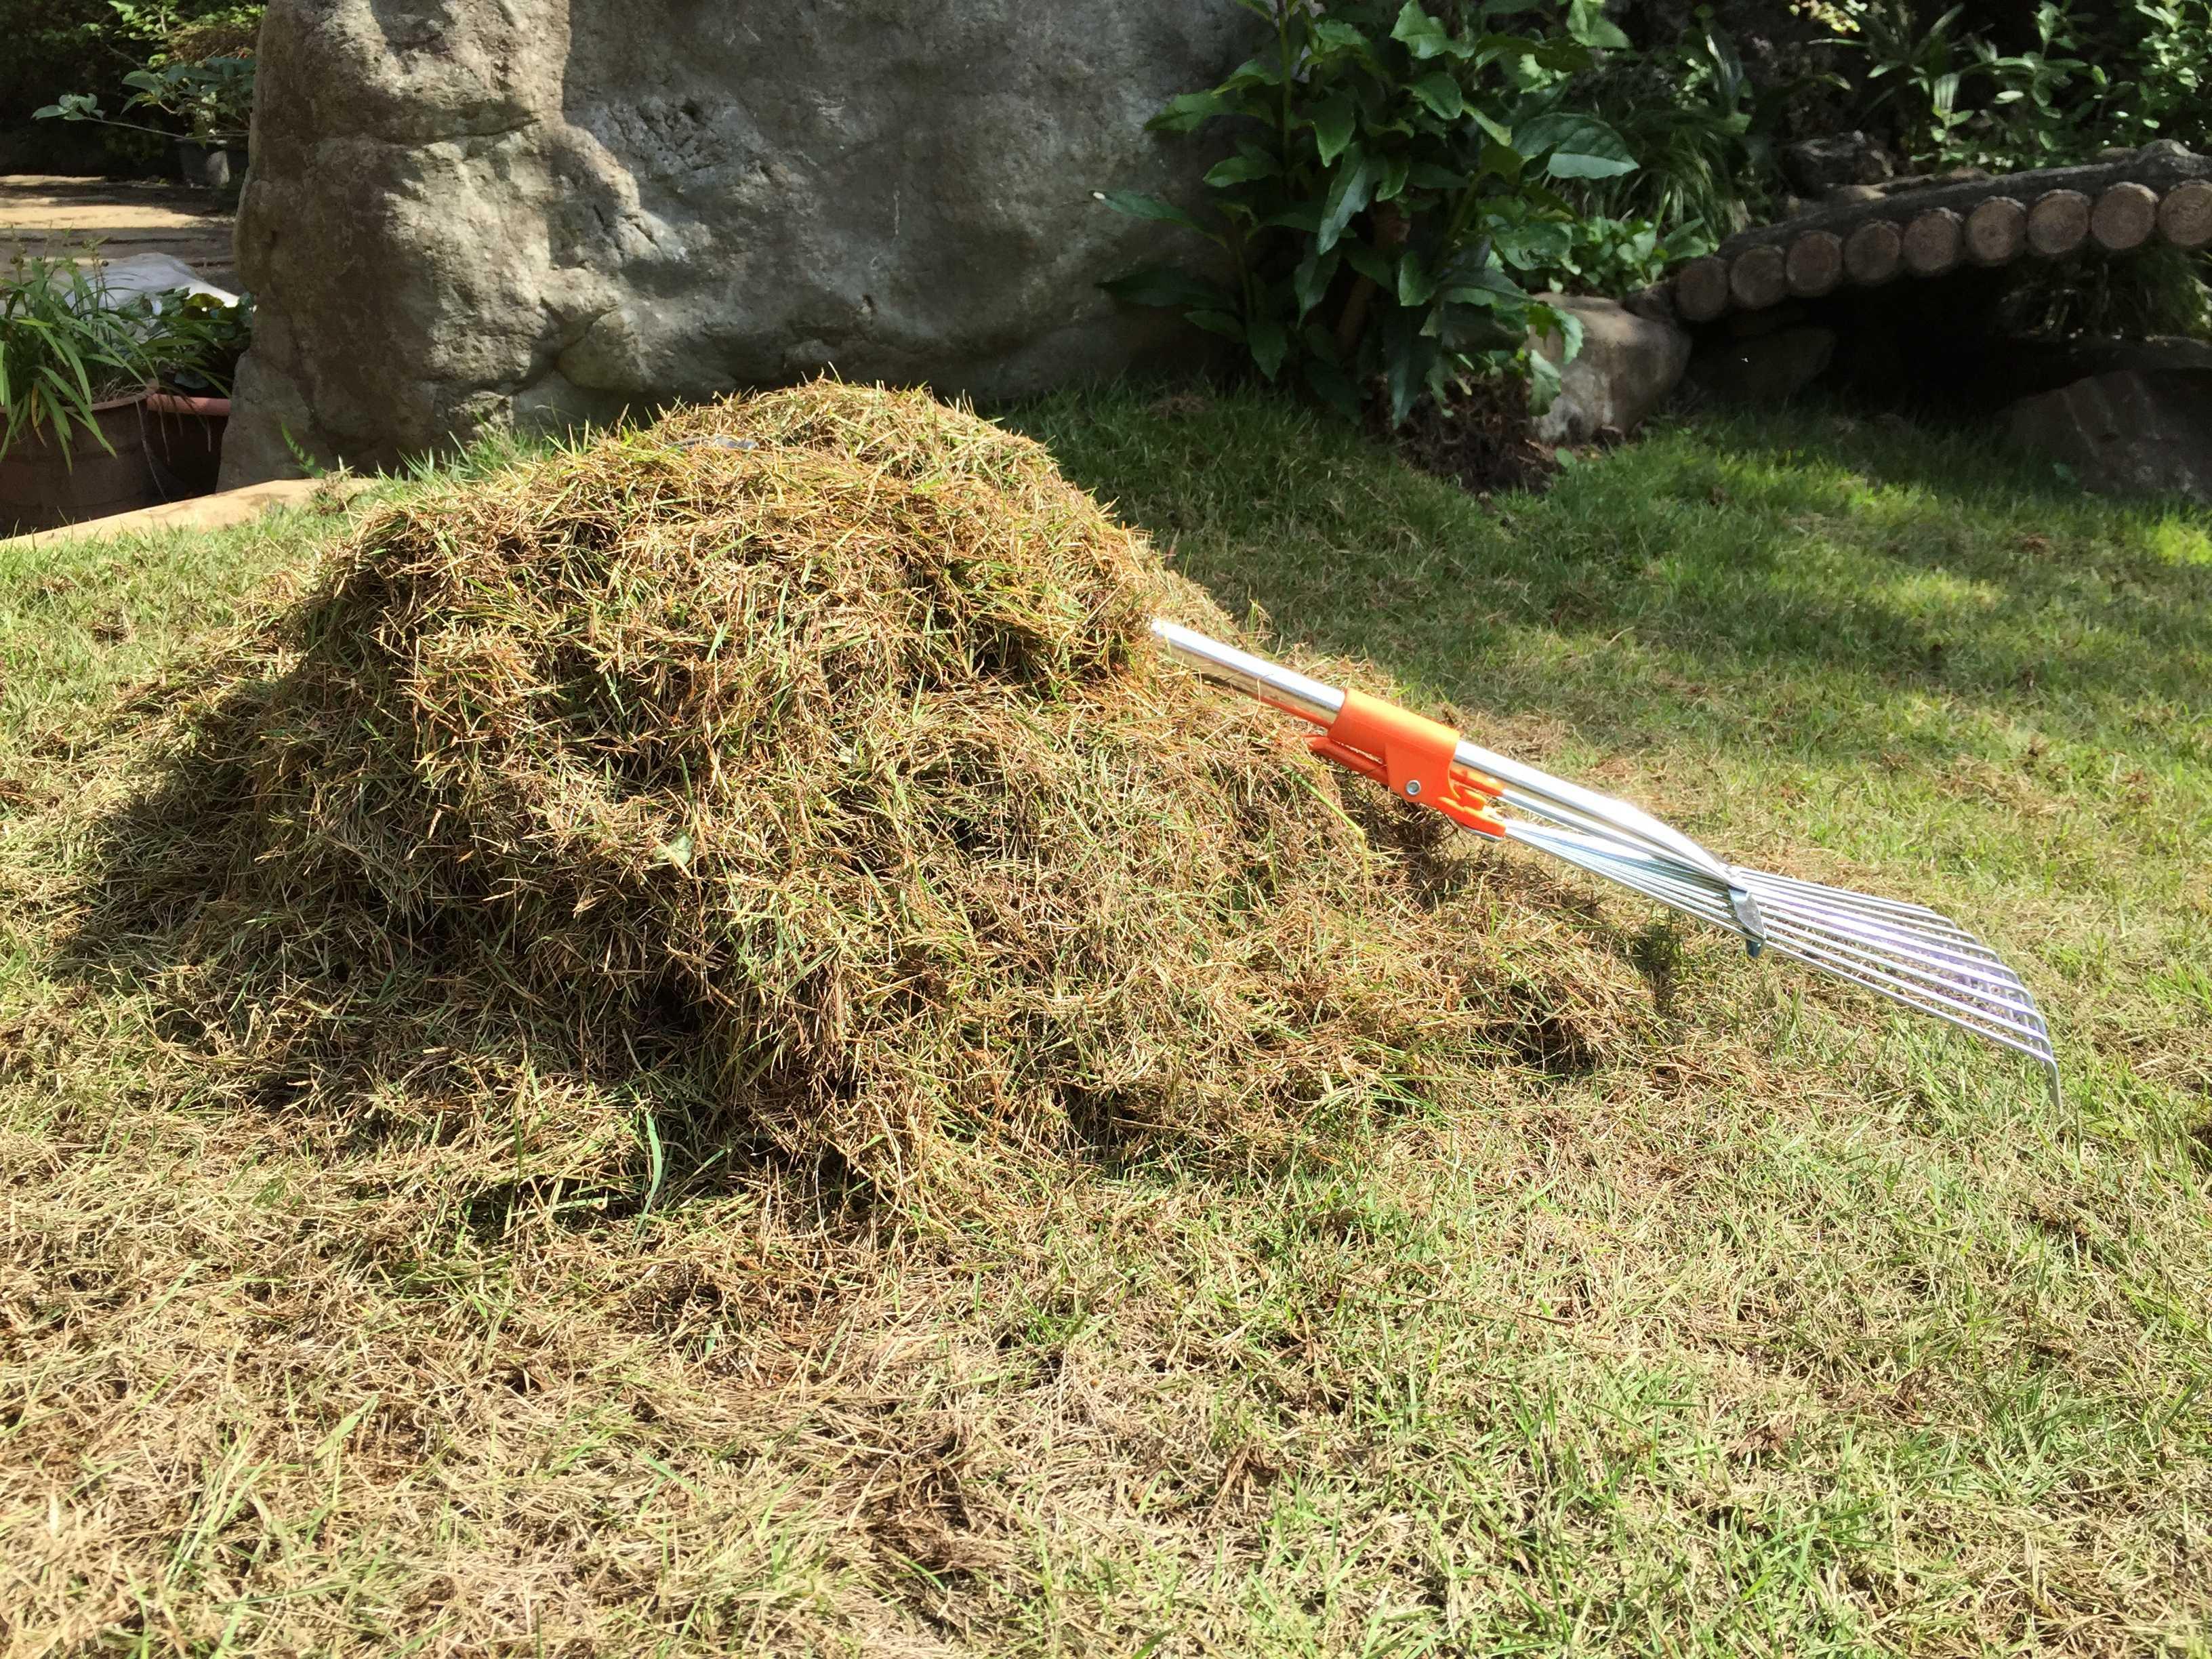 レーキで掻き出した芝生と土との間に堆積していたサッチ(芝カス)